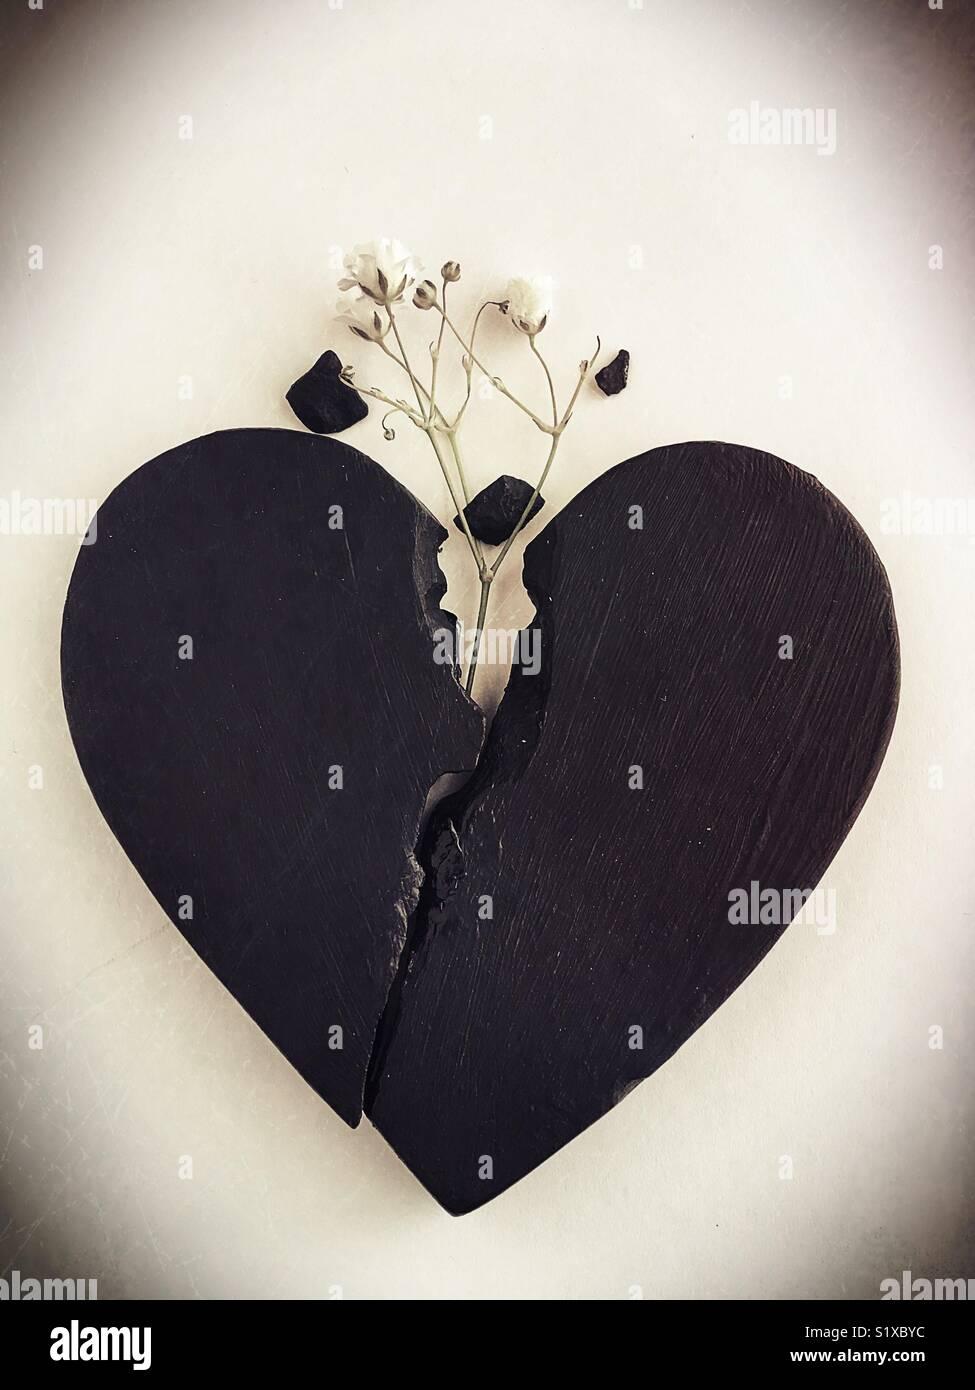 Curación conceptual: corazón roto. Imagen De Stock